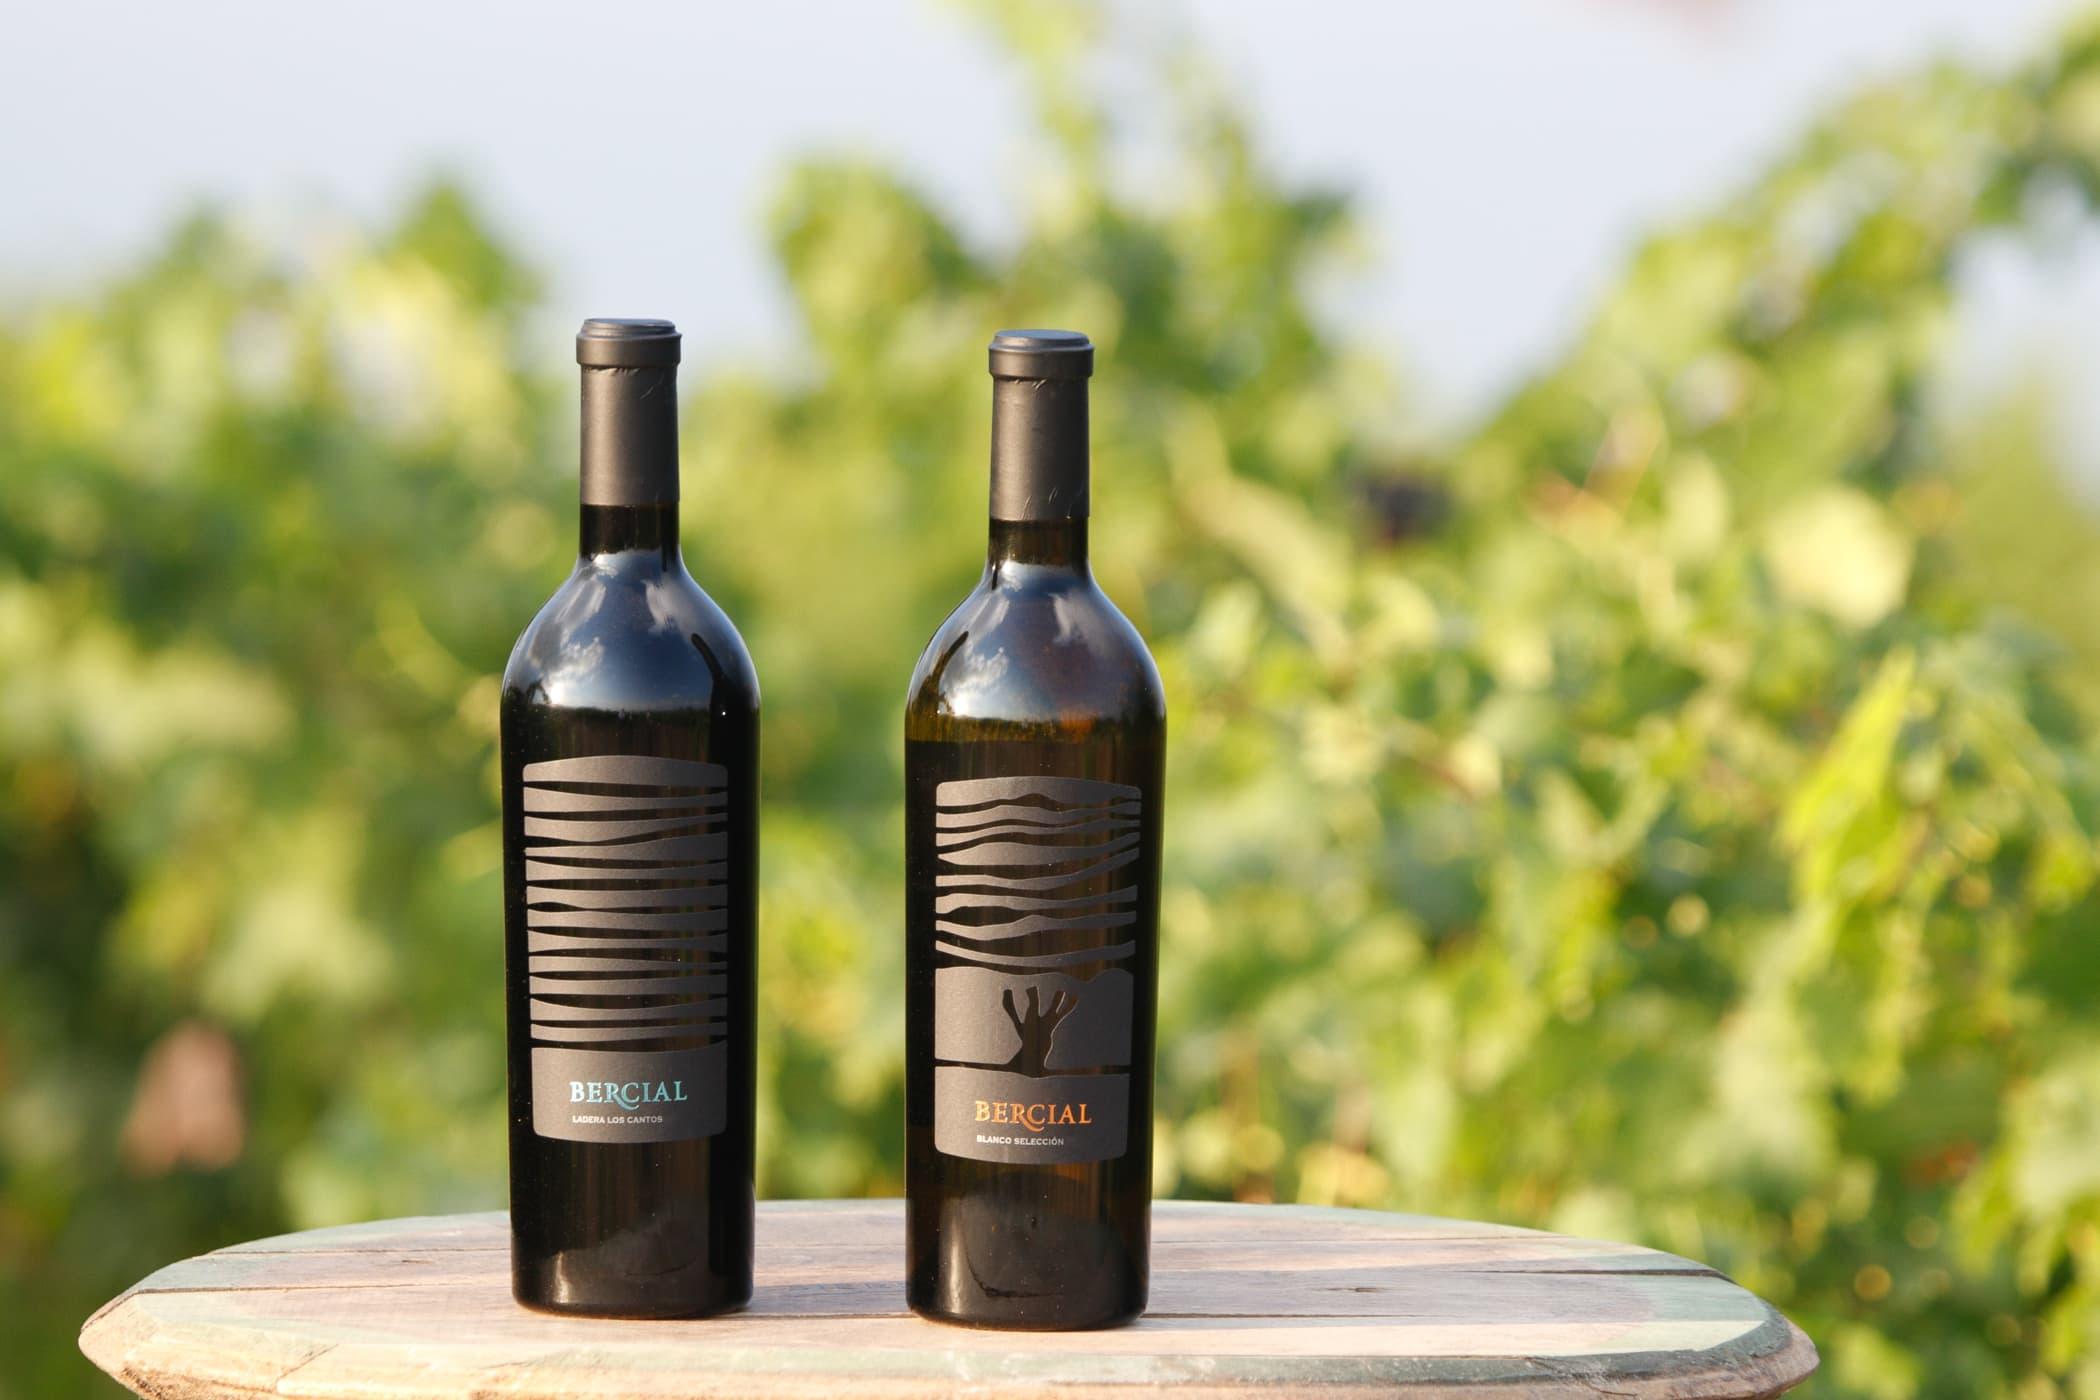 spanish premium wine paradores turismo bercial organic vegan